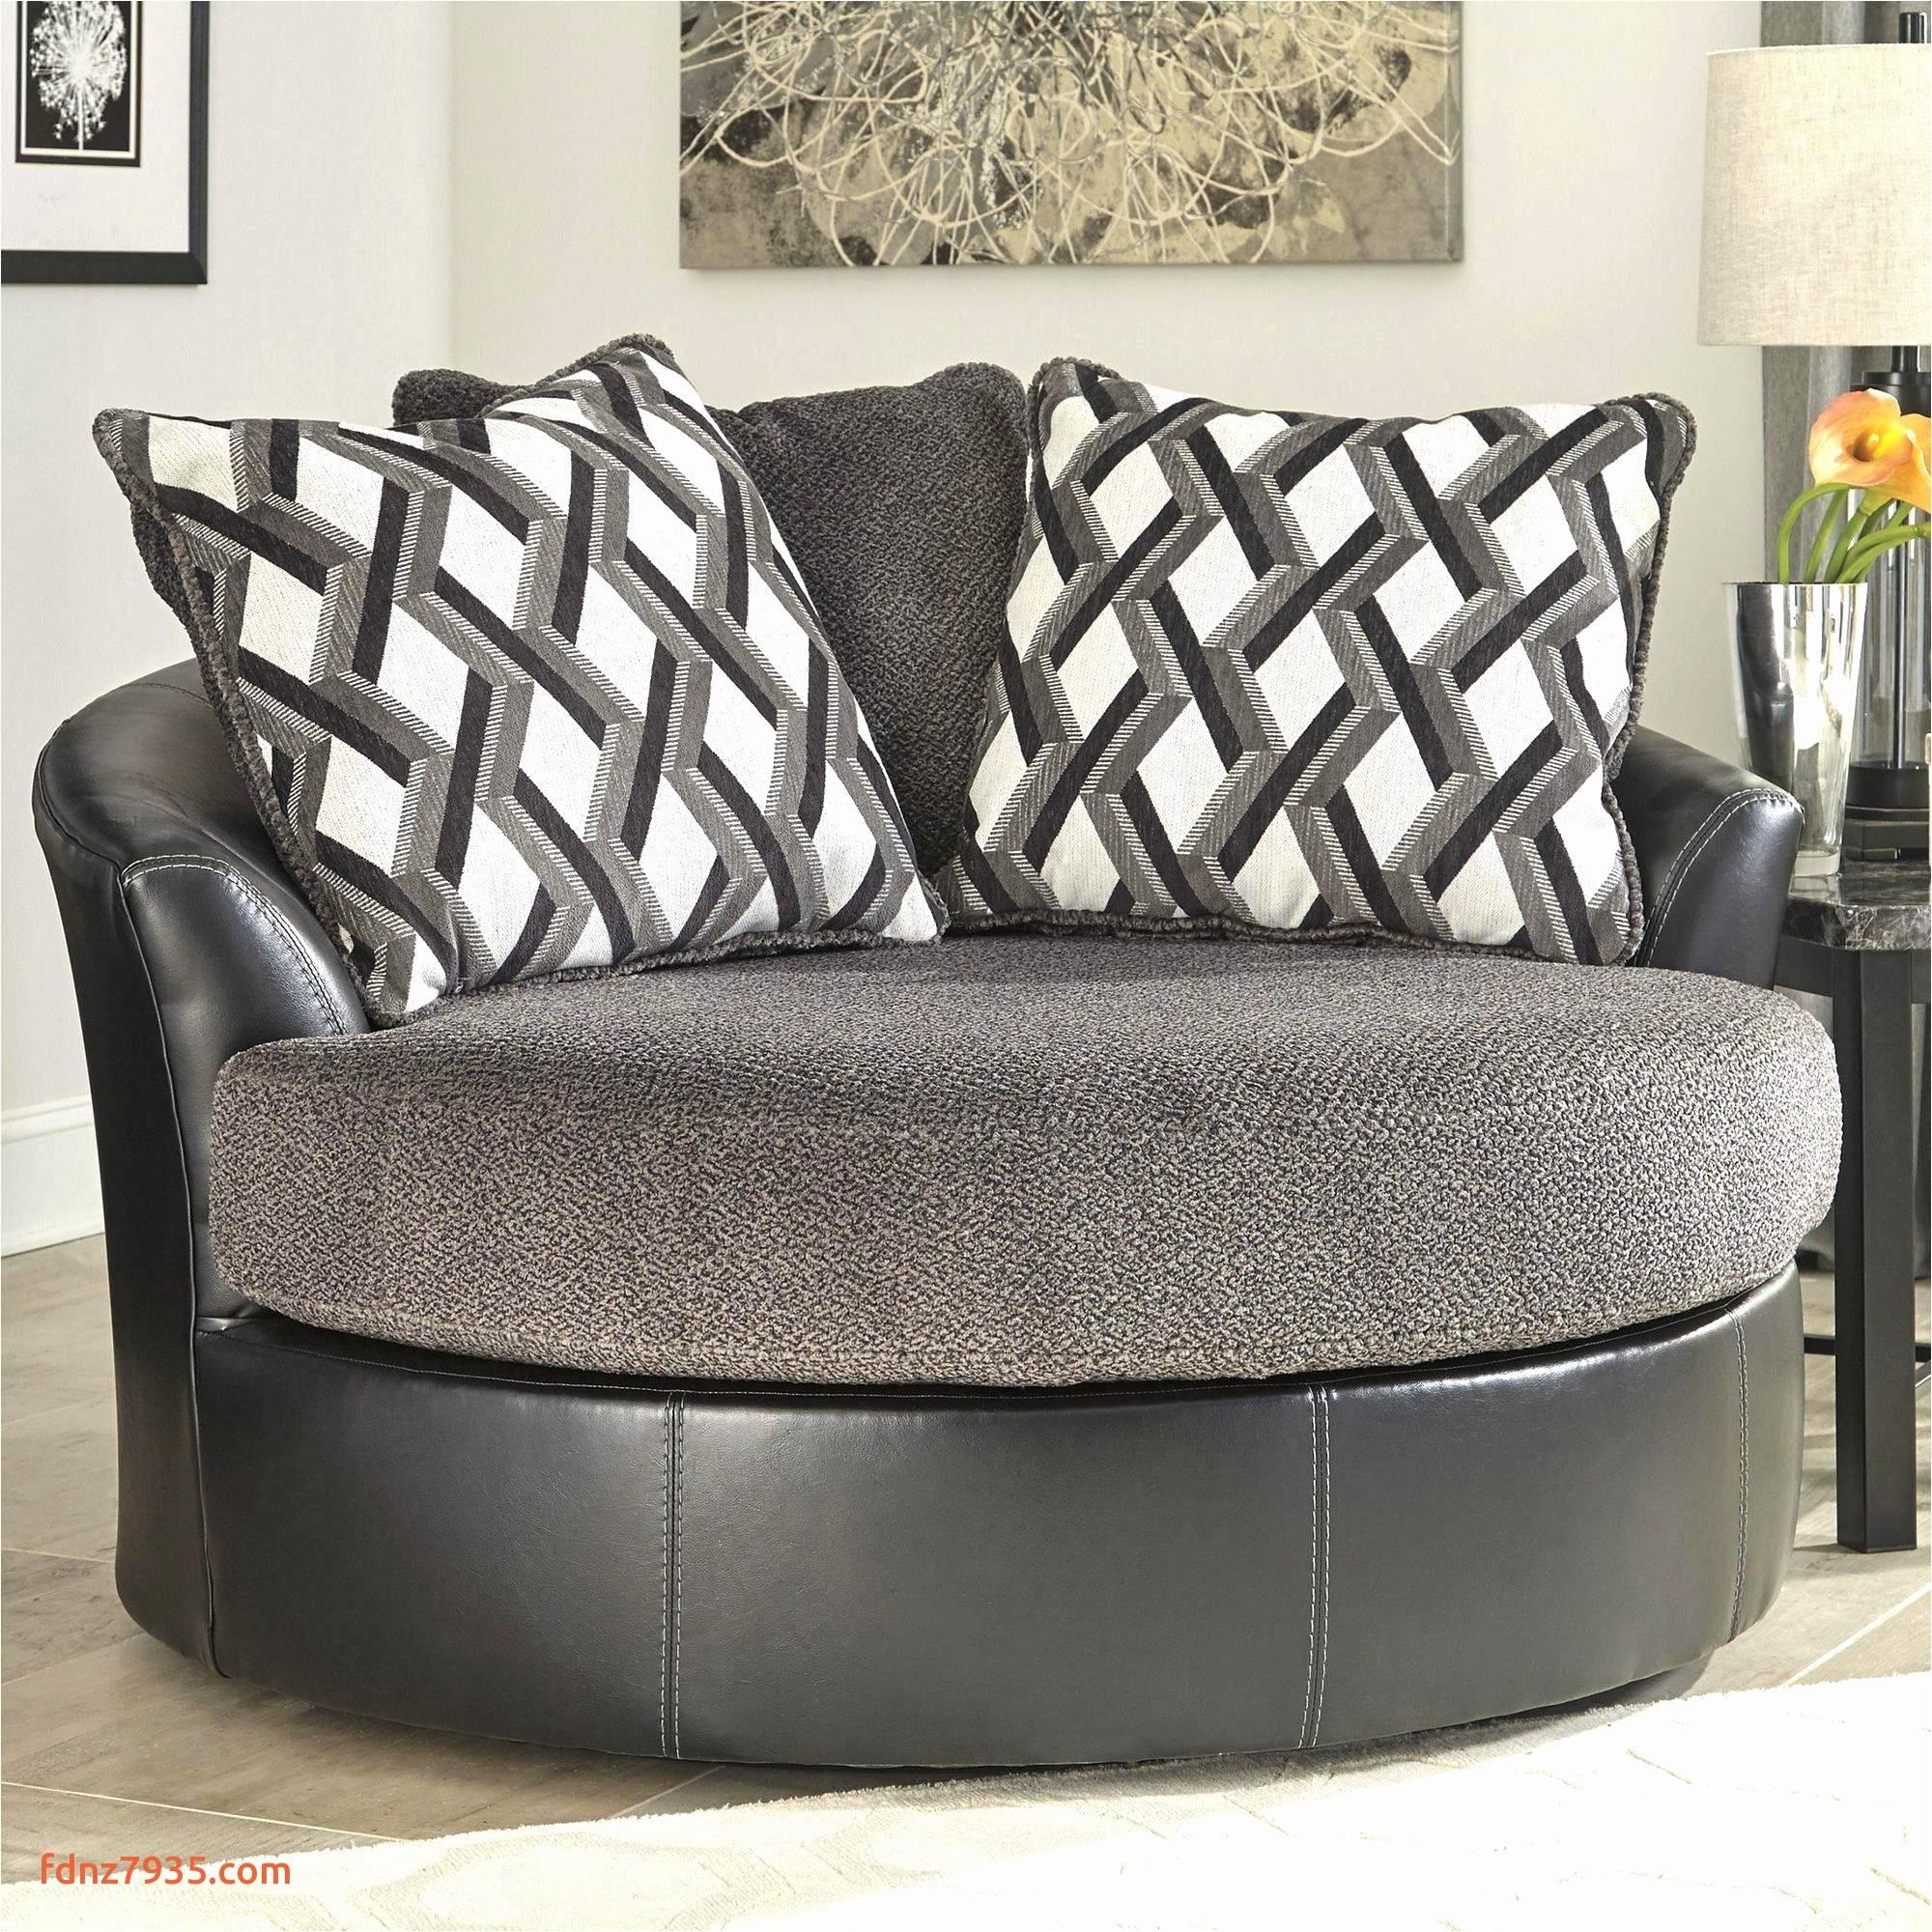 blue leather sofa 50 unique light blue leather sofa 50 s of blue leather sofa